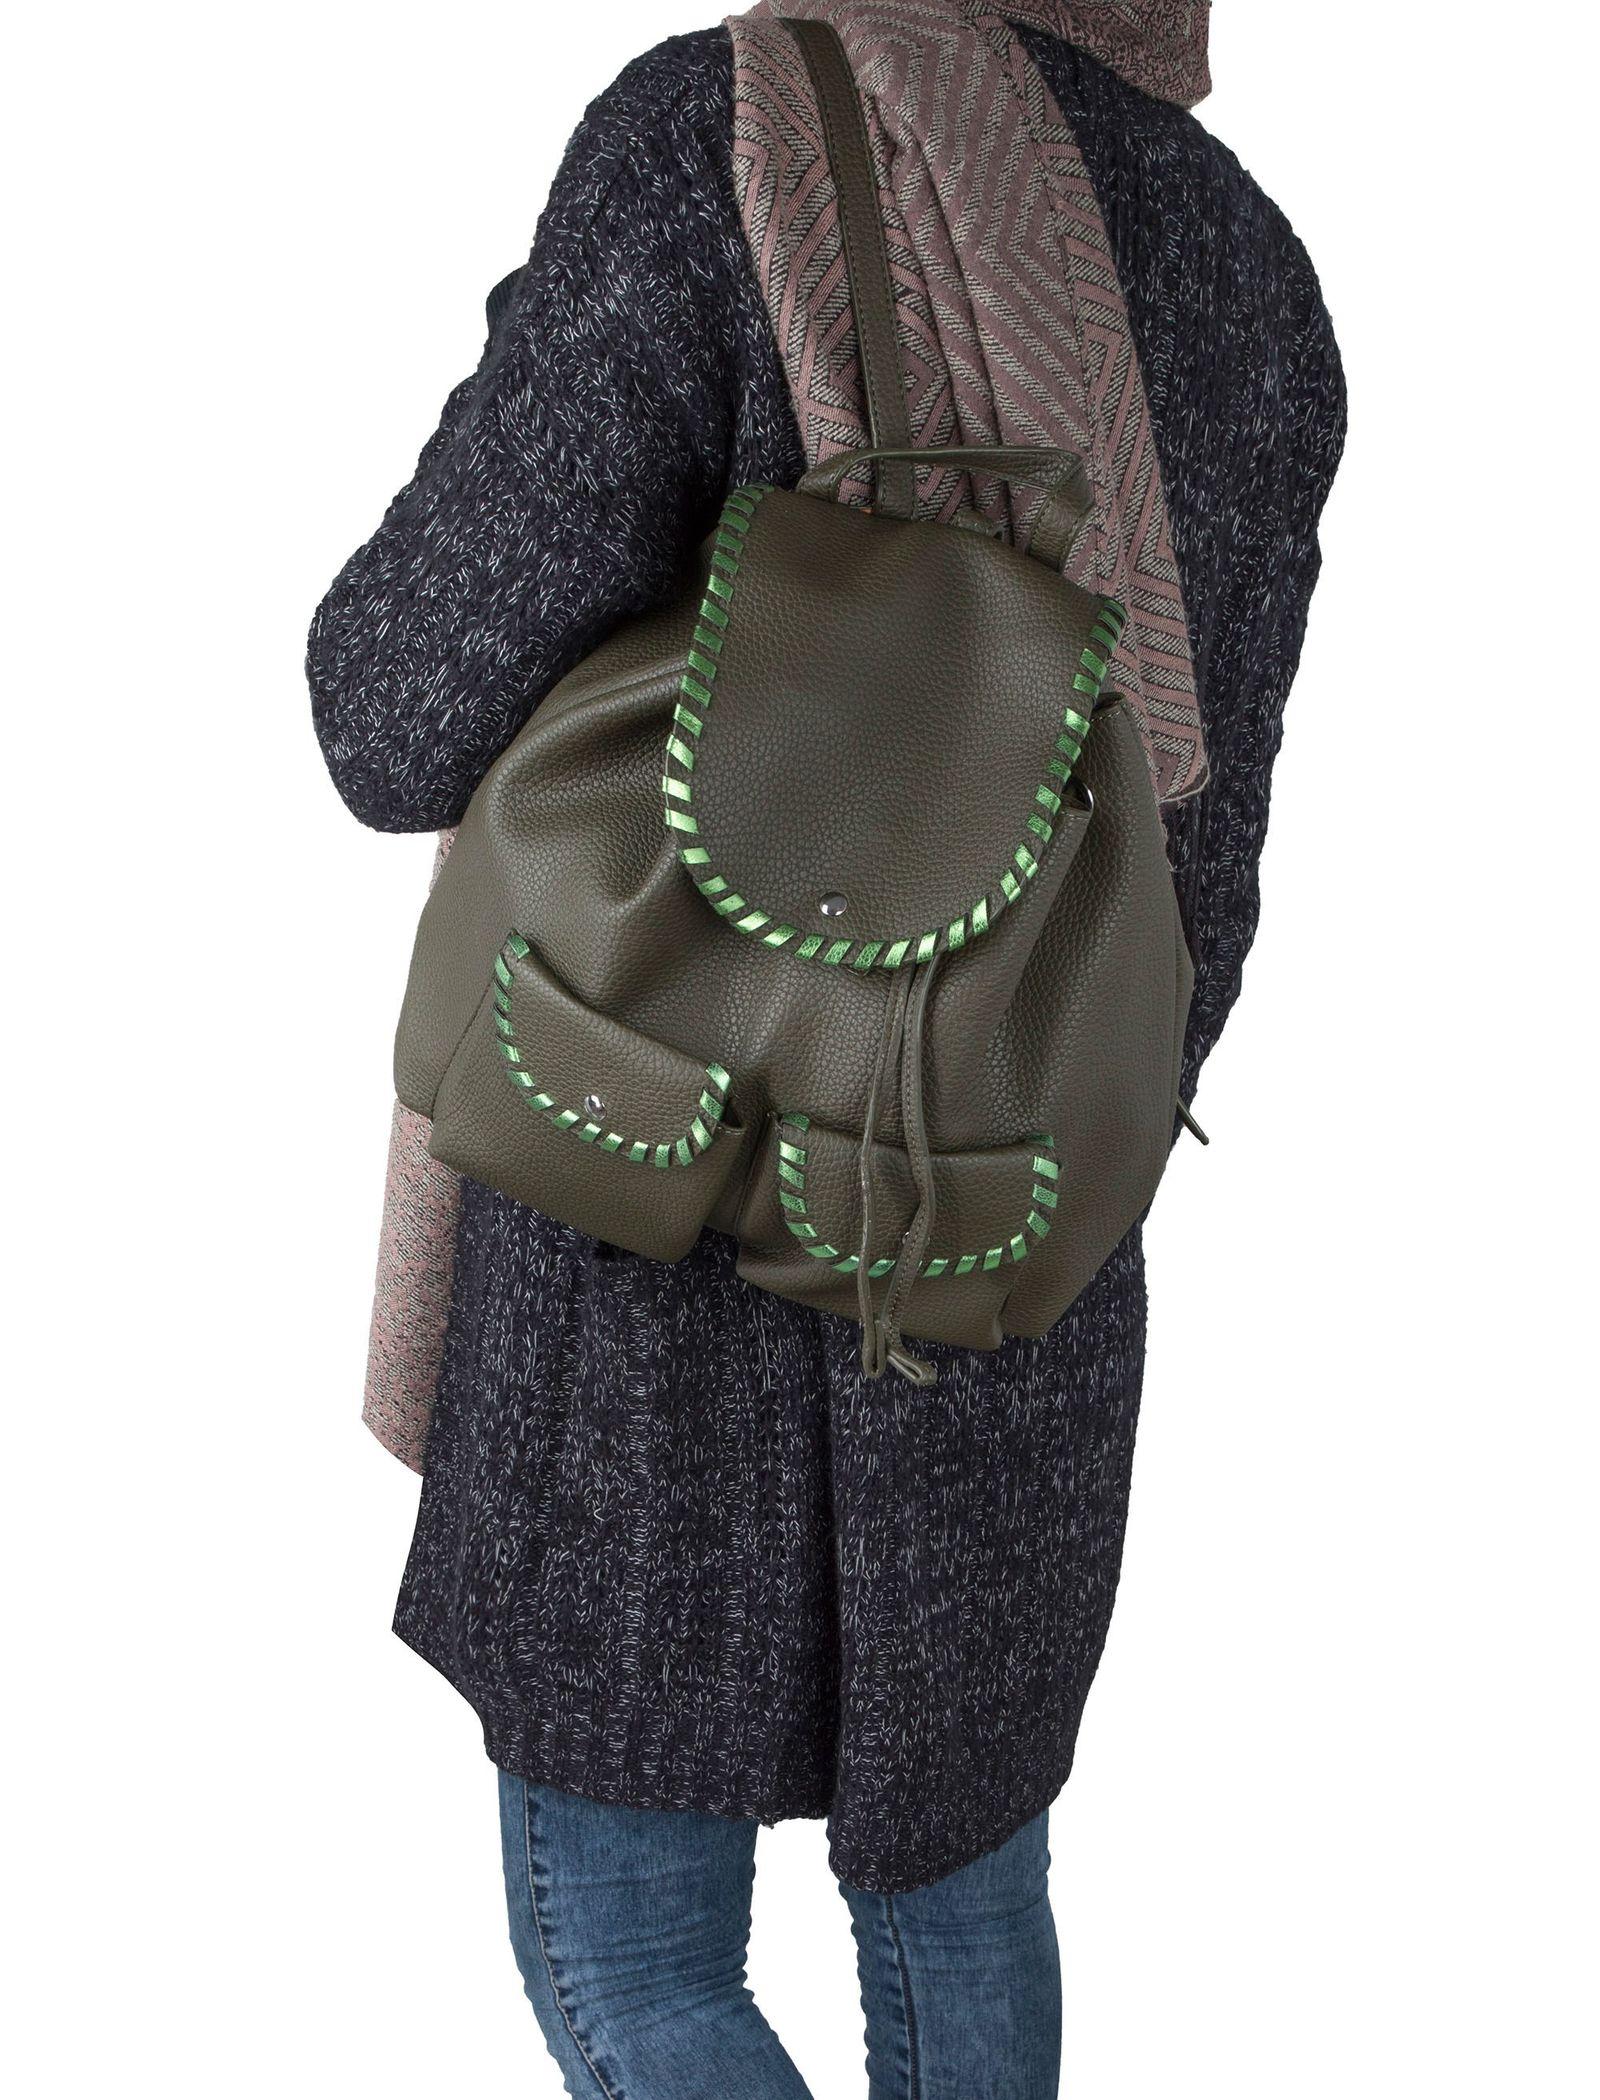 کوله پشتی روزمره زنانه - شانتال تک سایز -  - 6